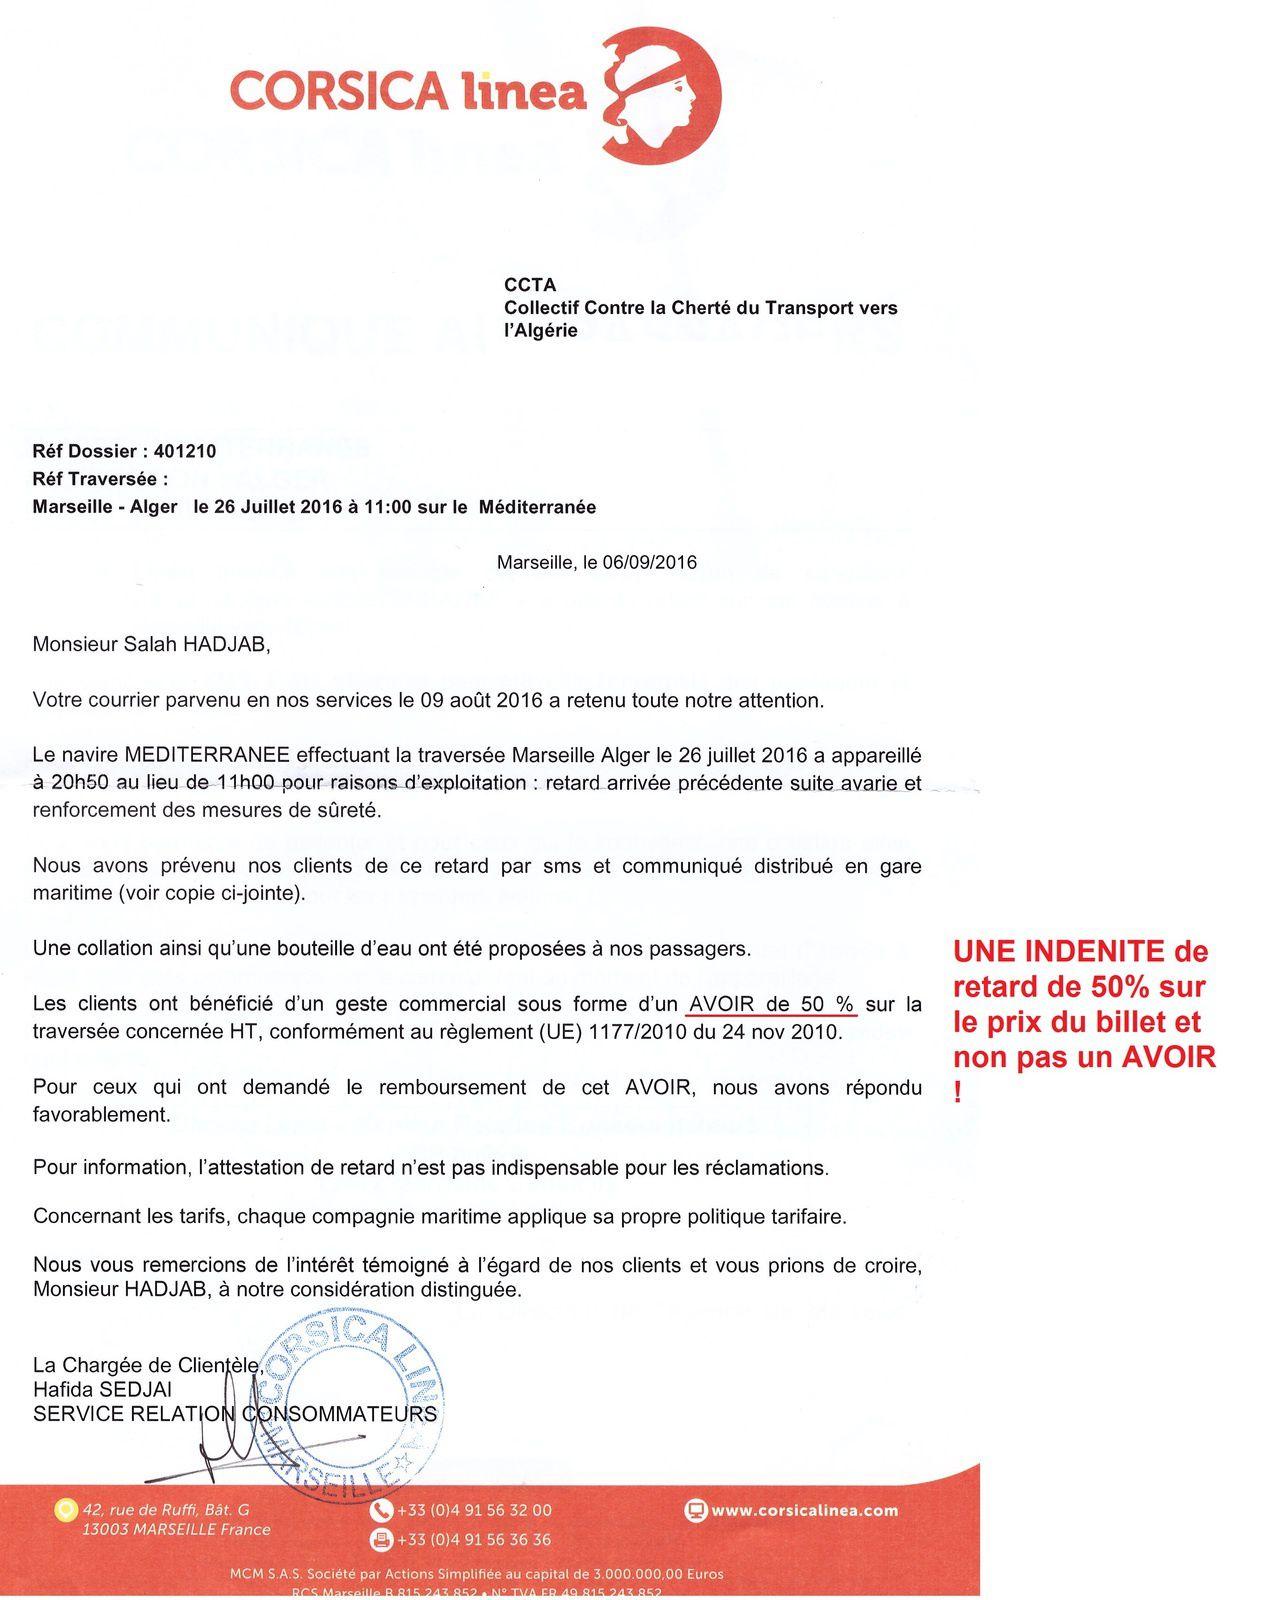 Passagers maritimes, vous avez le droit à une indemnité (et non pas un avoir) de 50% du prix de la transesée